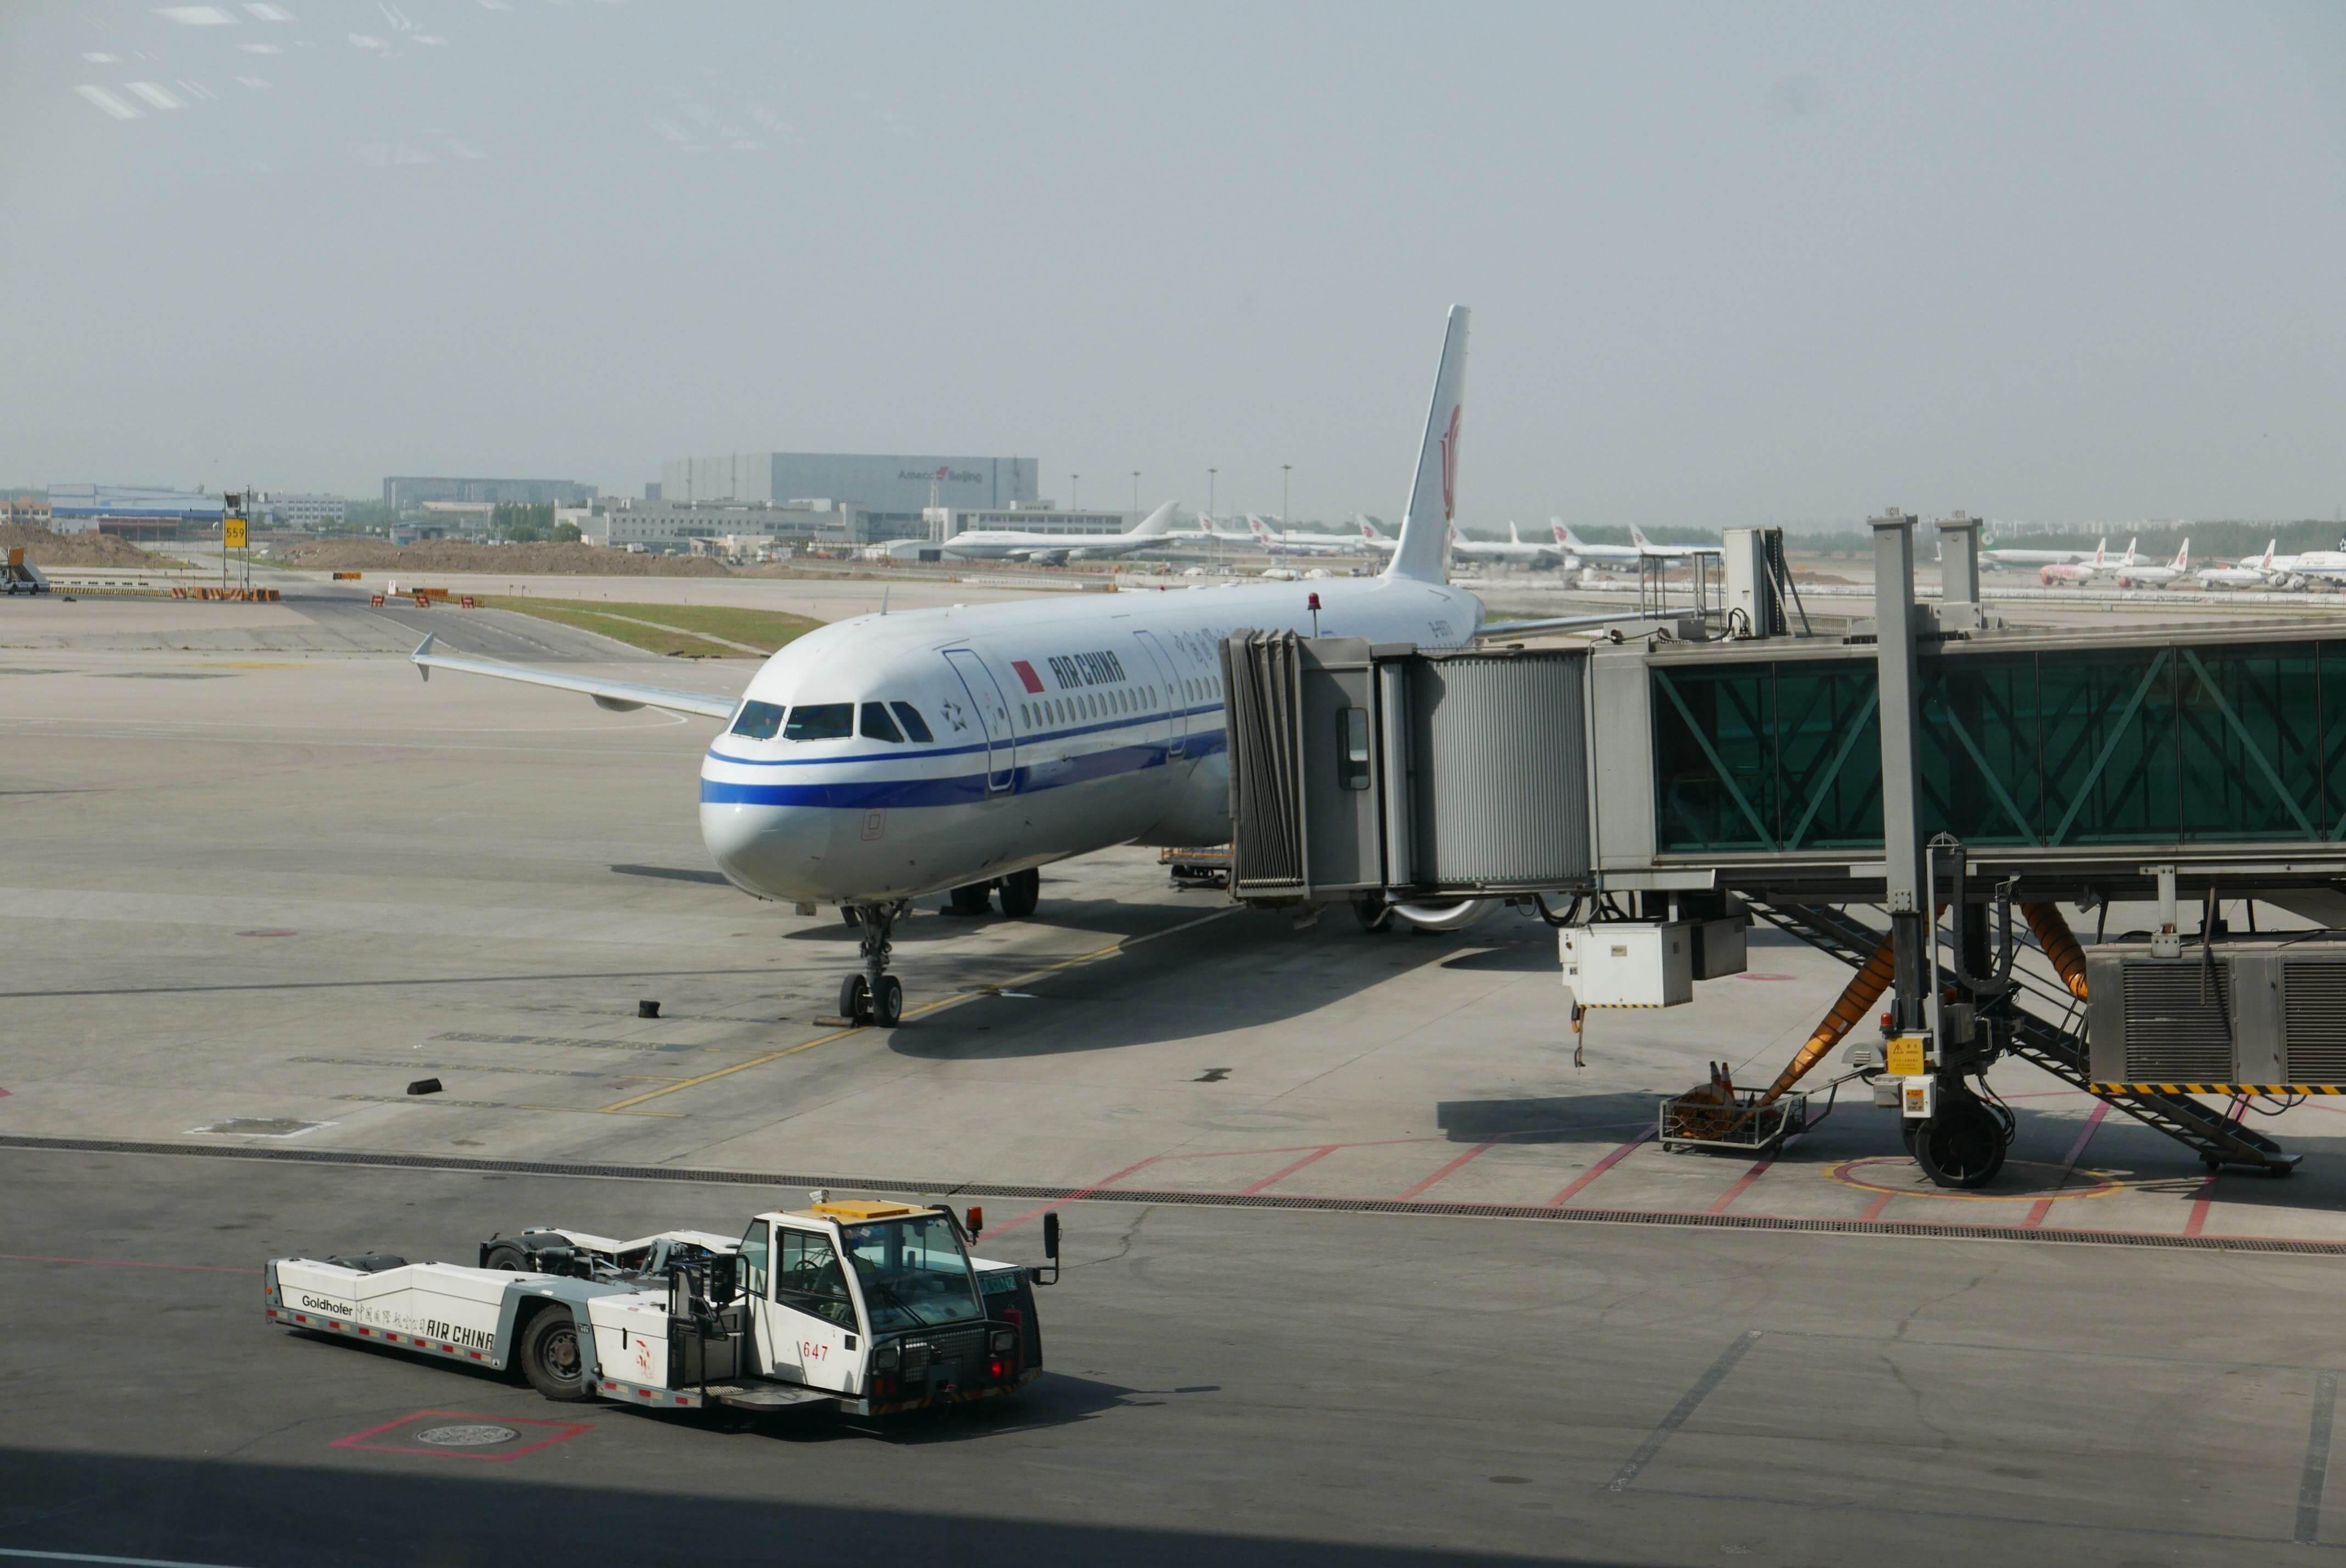 ウルムチから北京経由で帰国!この旅を終えて。